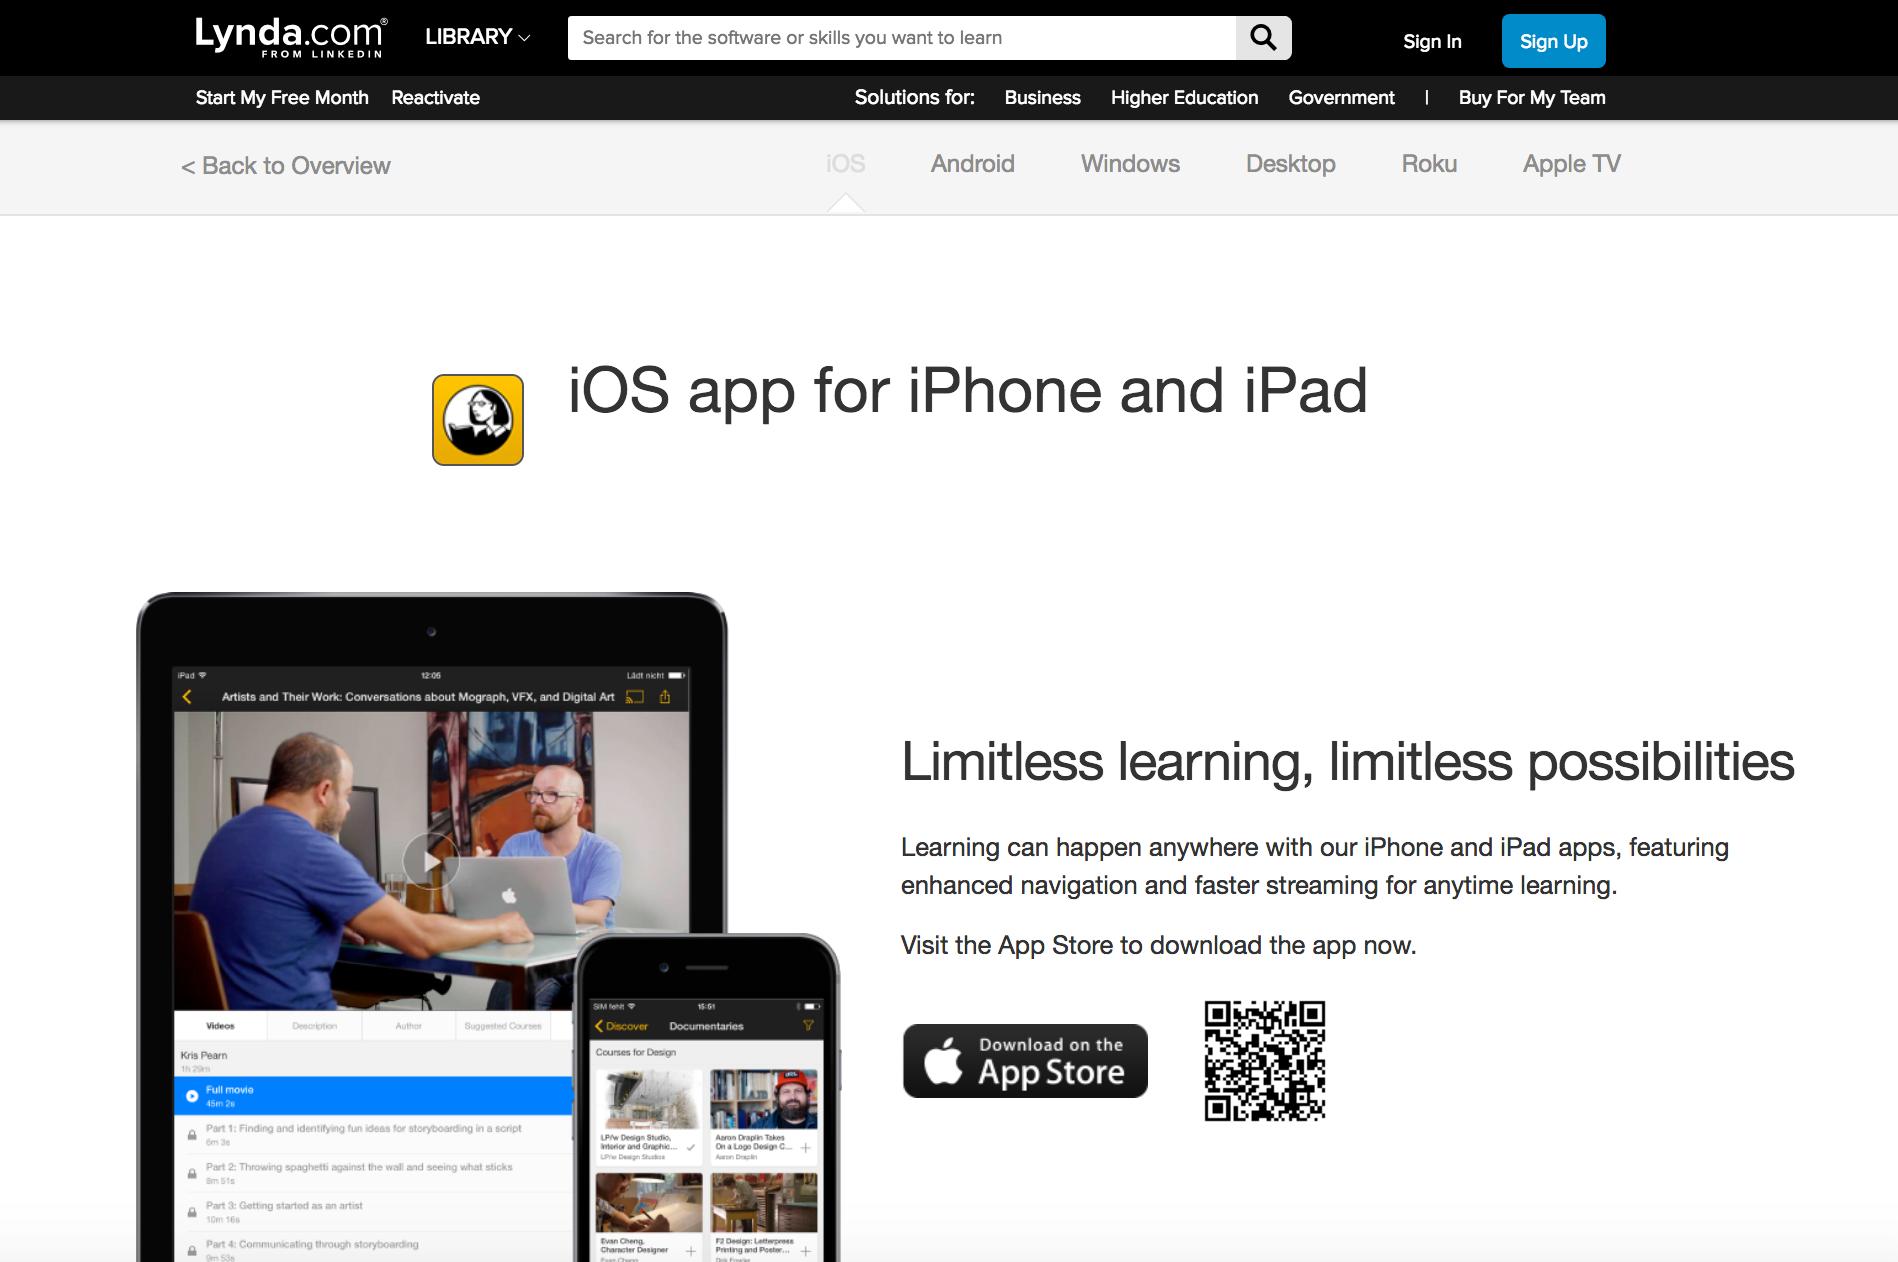 lynda.com app